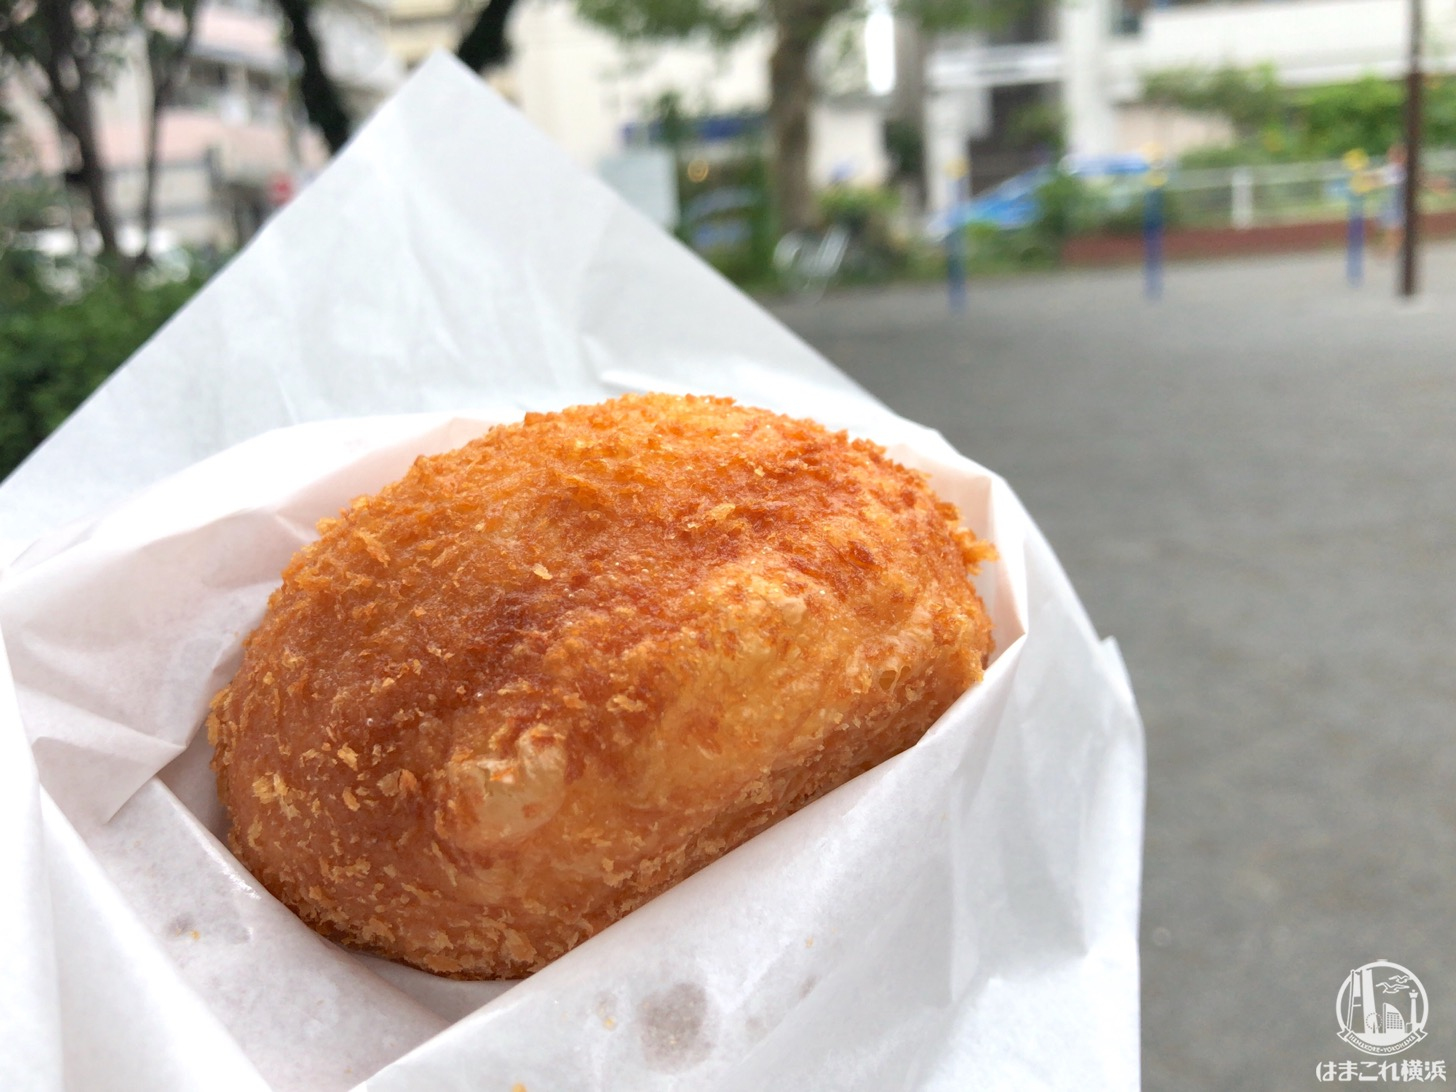 松原商店街「サン ペルル」の半熟玉子カレーパンは食べ歩き・お土産におすすめ!看板メニュー